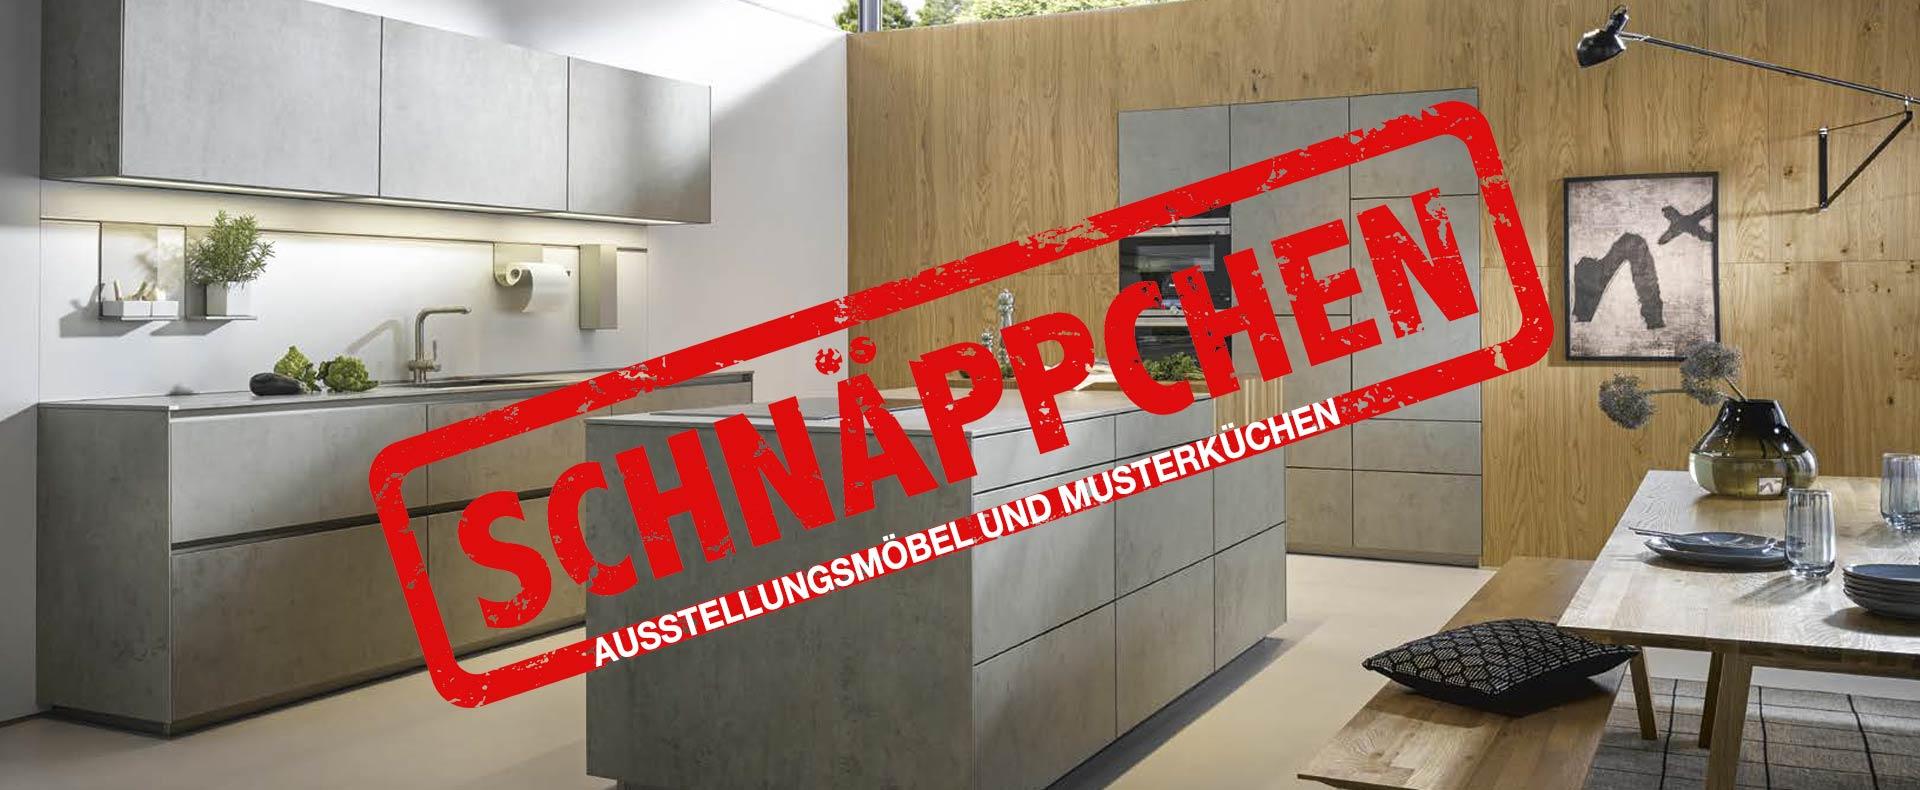 Inspirierend Möbelhaus In Der Nähe Sammlung Von Möbel Klauth – Aktuelles Rund Um Möbel